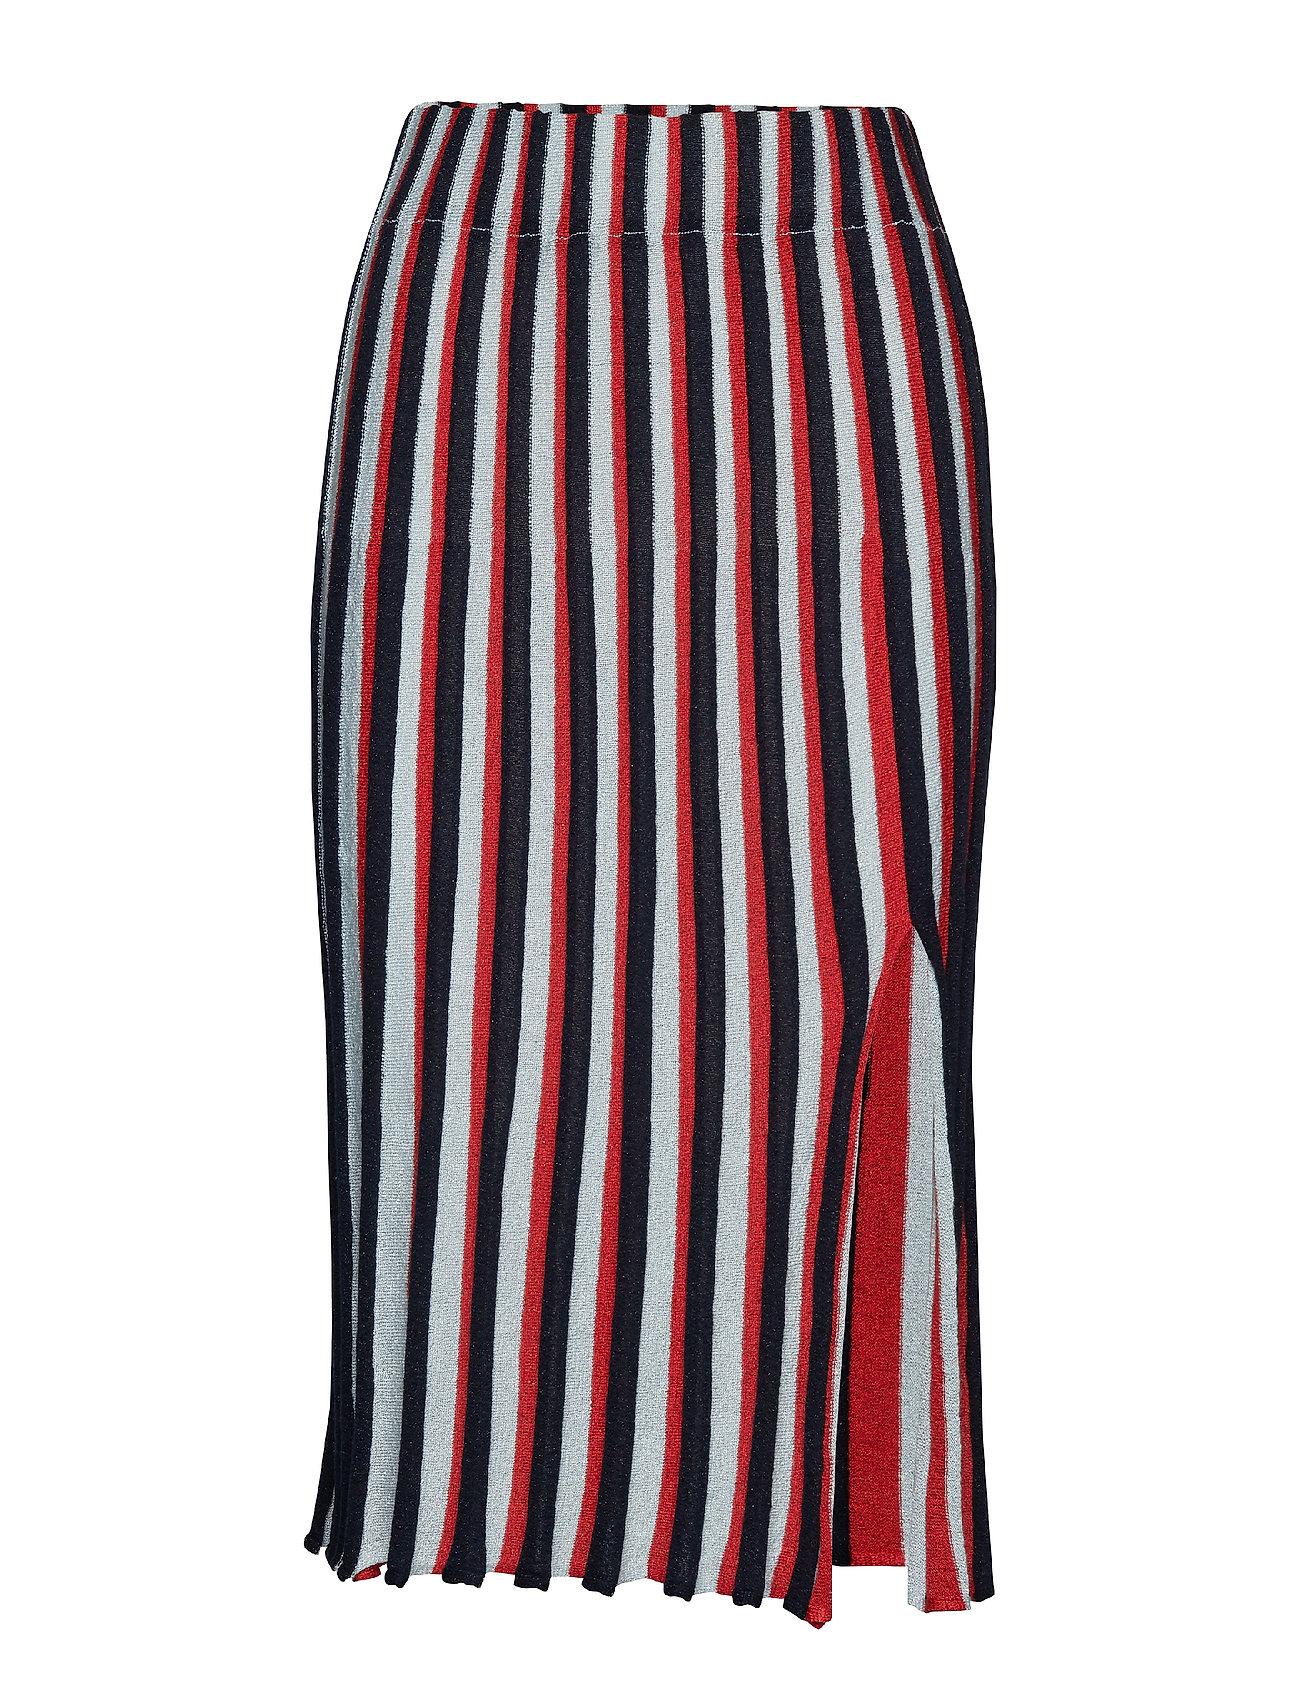 STINE GOYA Wesley, 581 Sparkle Knit - 1762 STRIPES